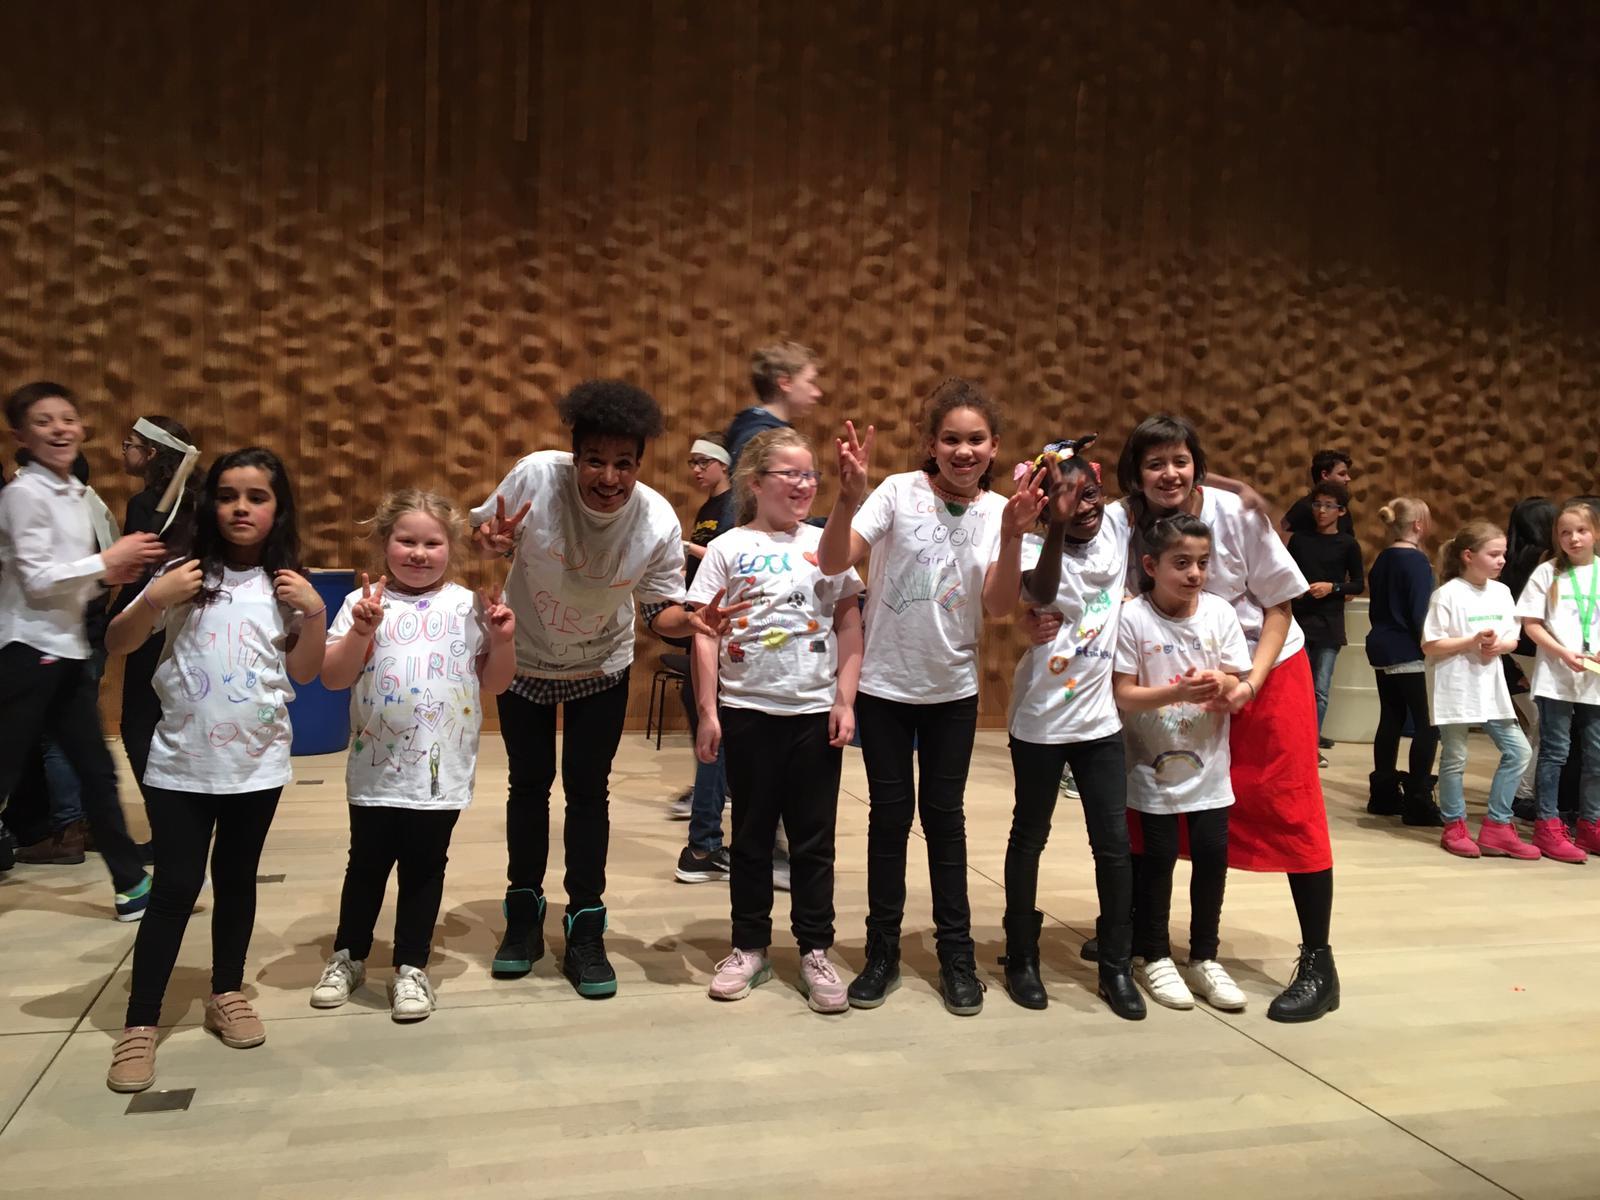 Die Kinder des Bodypercussion-Workshops hatten einen großen Auftritt in der Elbphilharmonie bei dem sie Bühne rockten! Foto: au